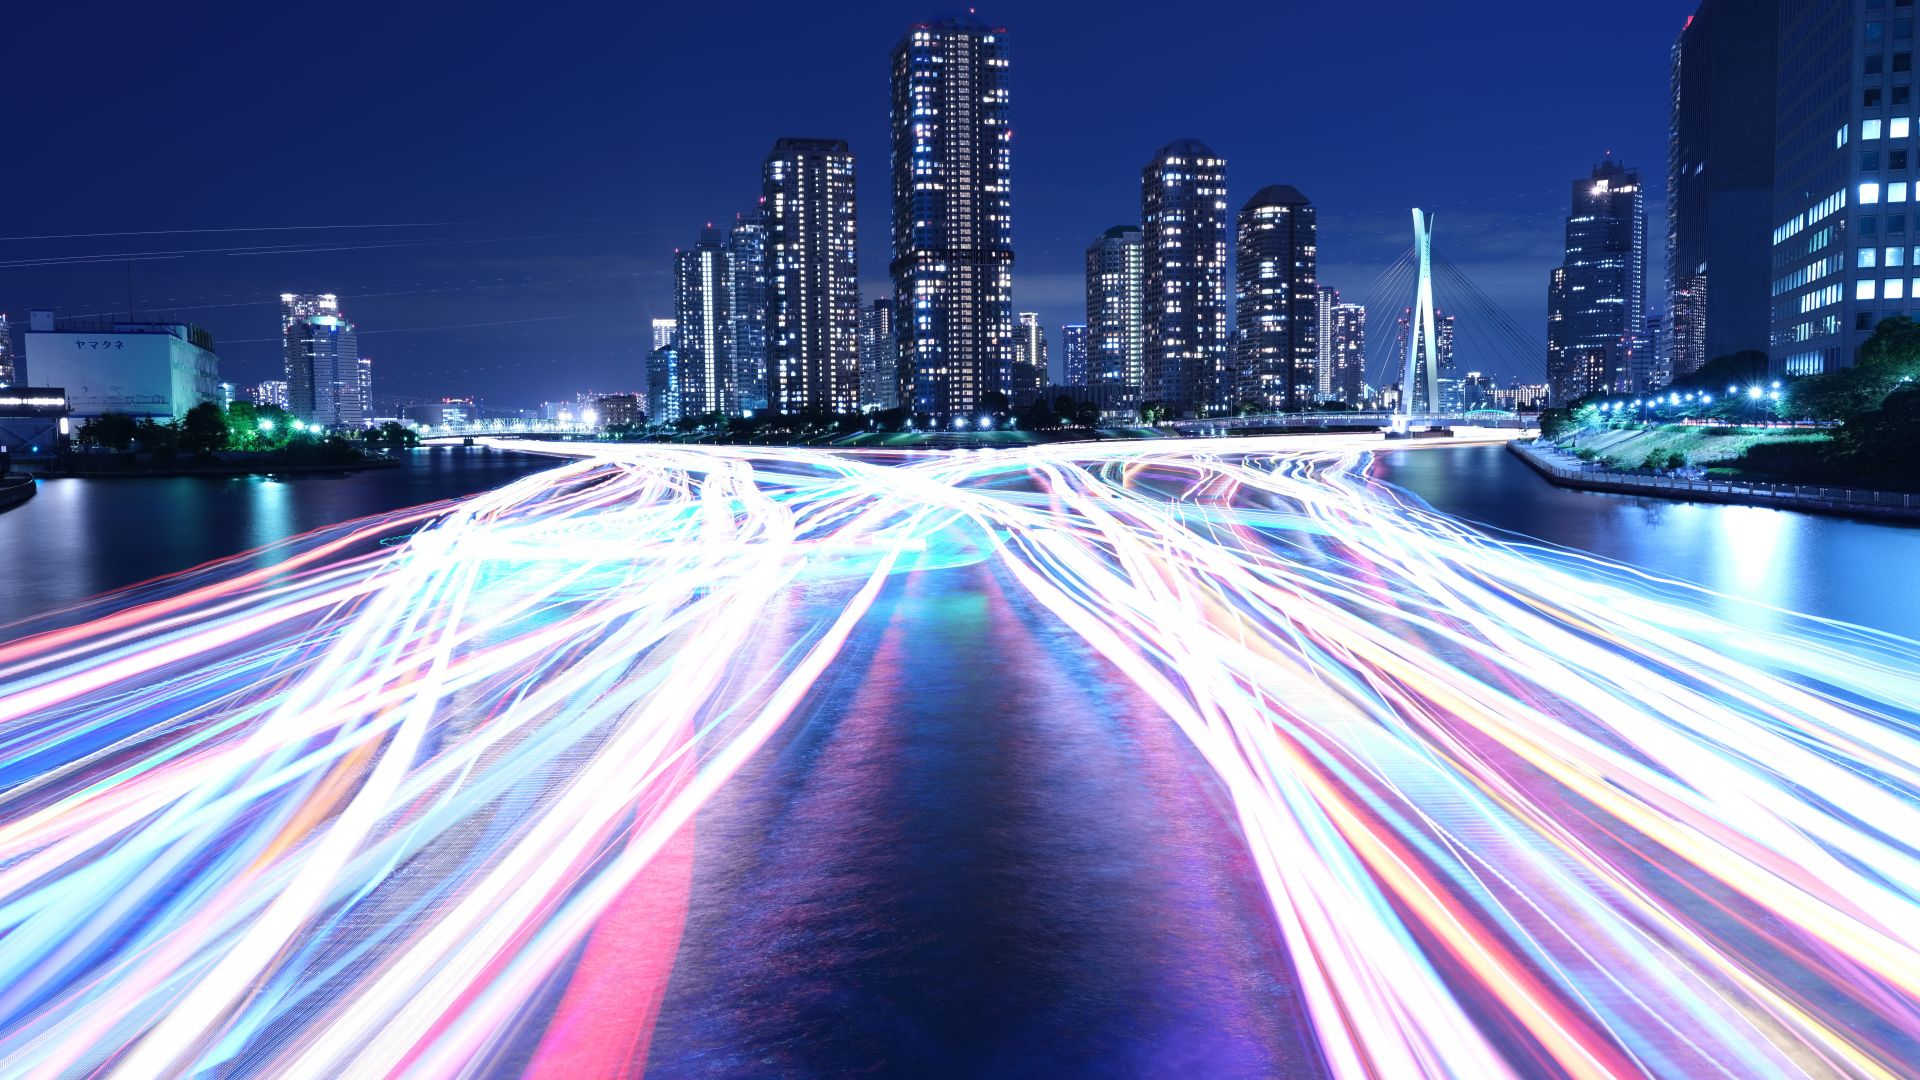 Wallpaper city light night river 4k 8k architecture - Night light city wallpaper ...